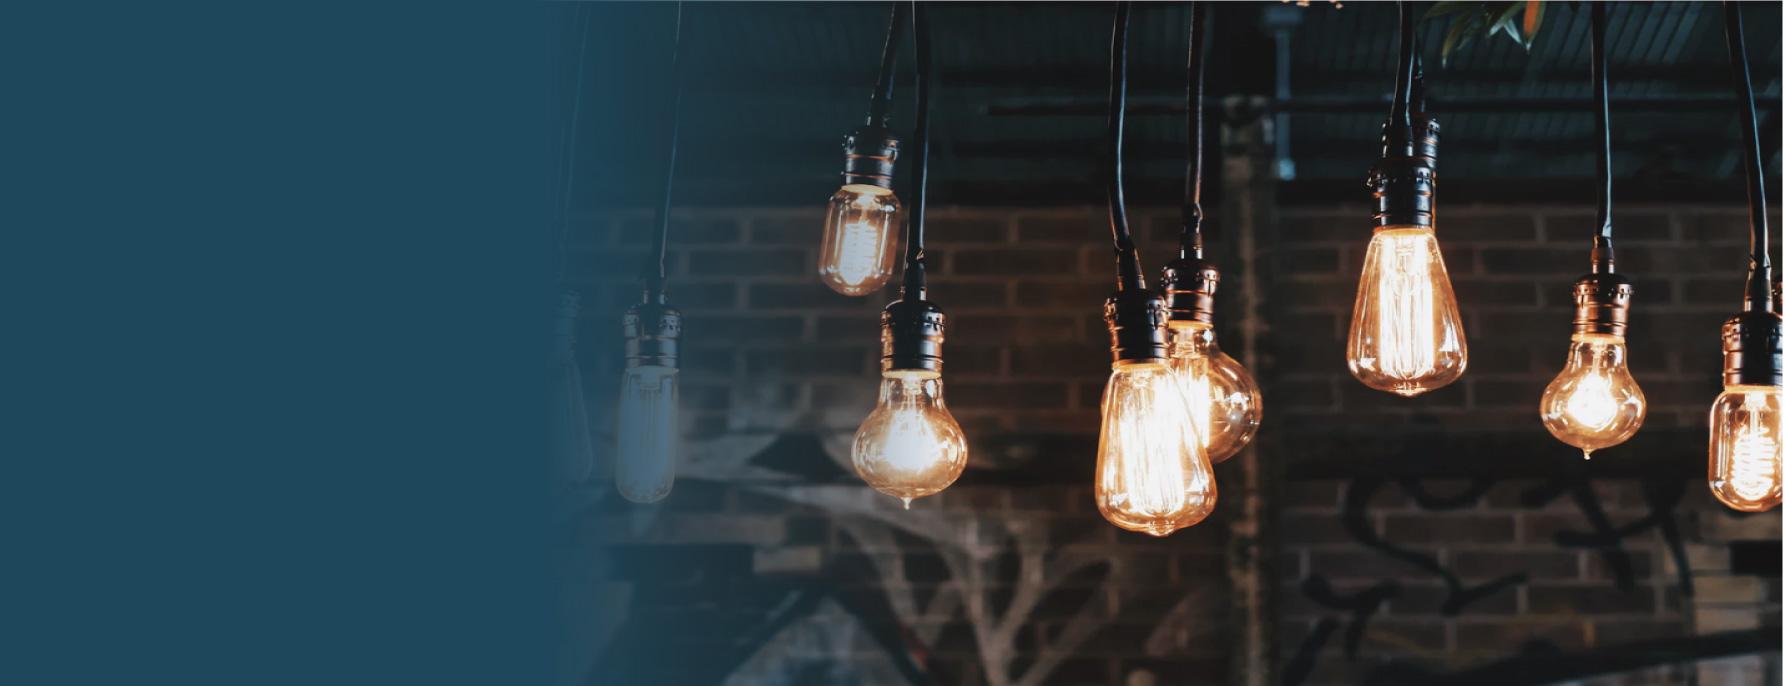 Lampen die ideeen symboliseren